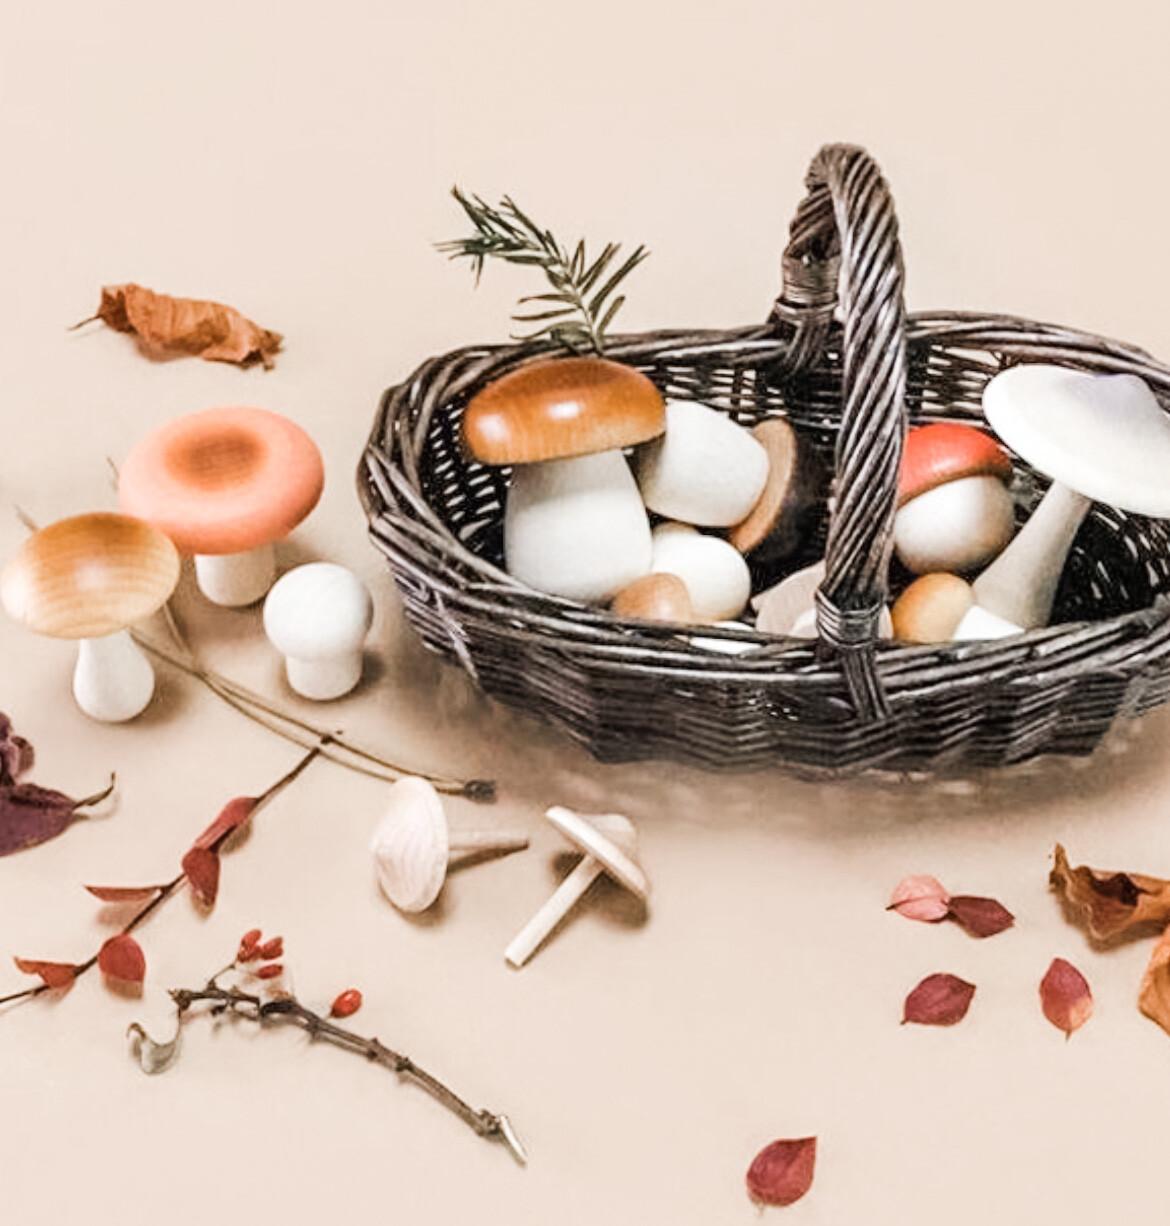 Forest Mushroom Forager Basket